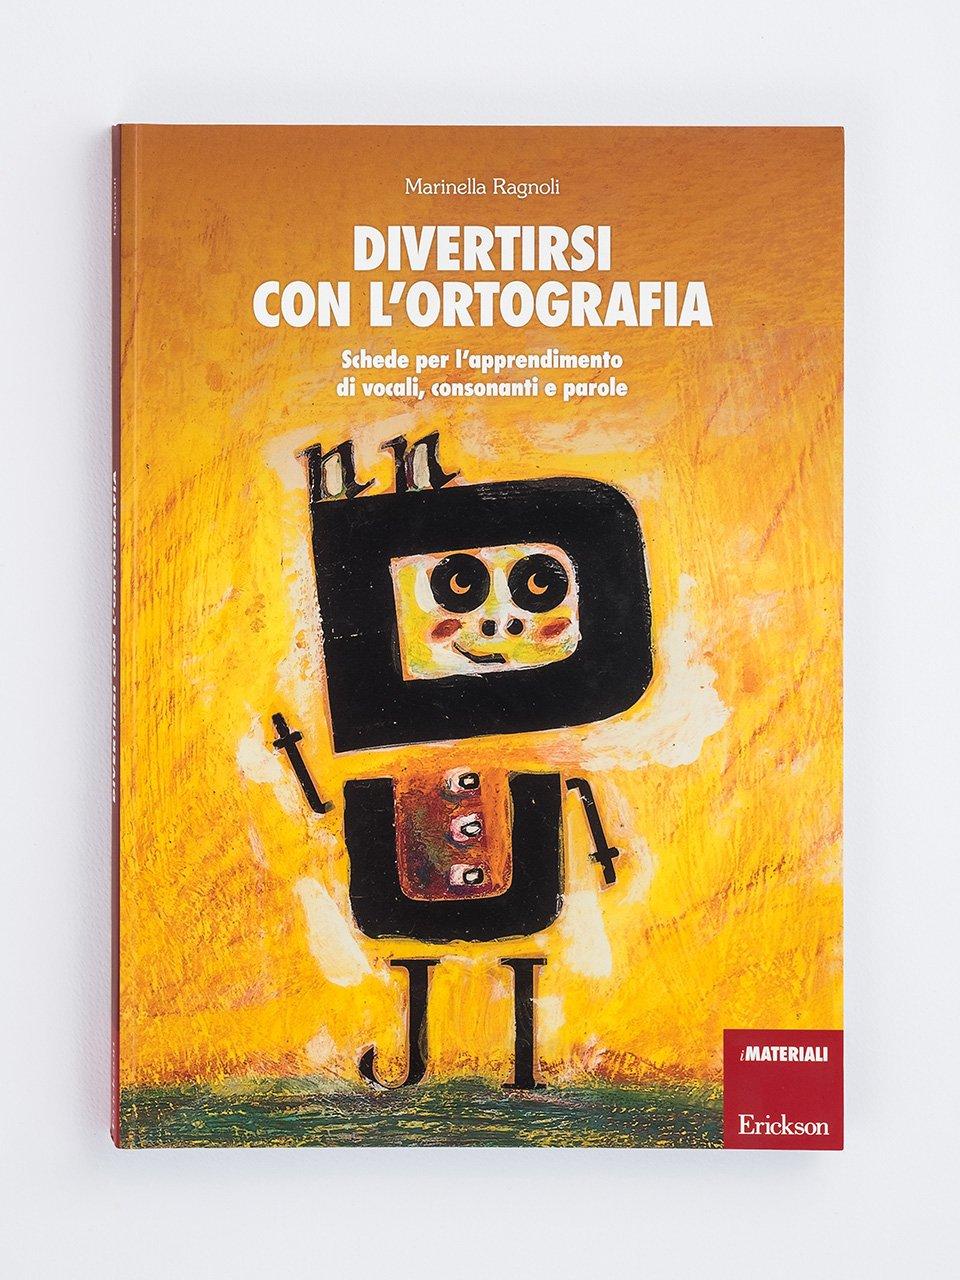 Divertirsi con l'ortografia - Tablet delle regole di Italiano - Libri - Erickson